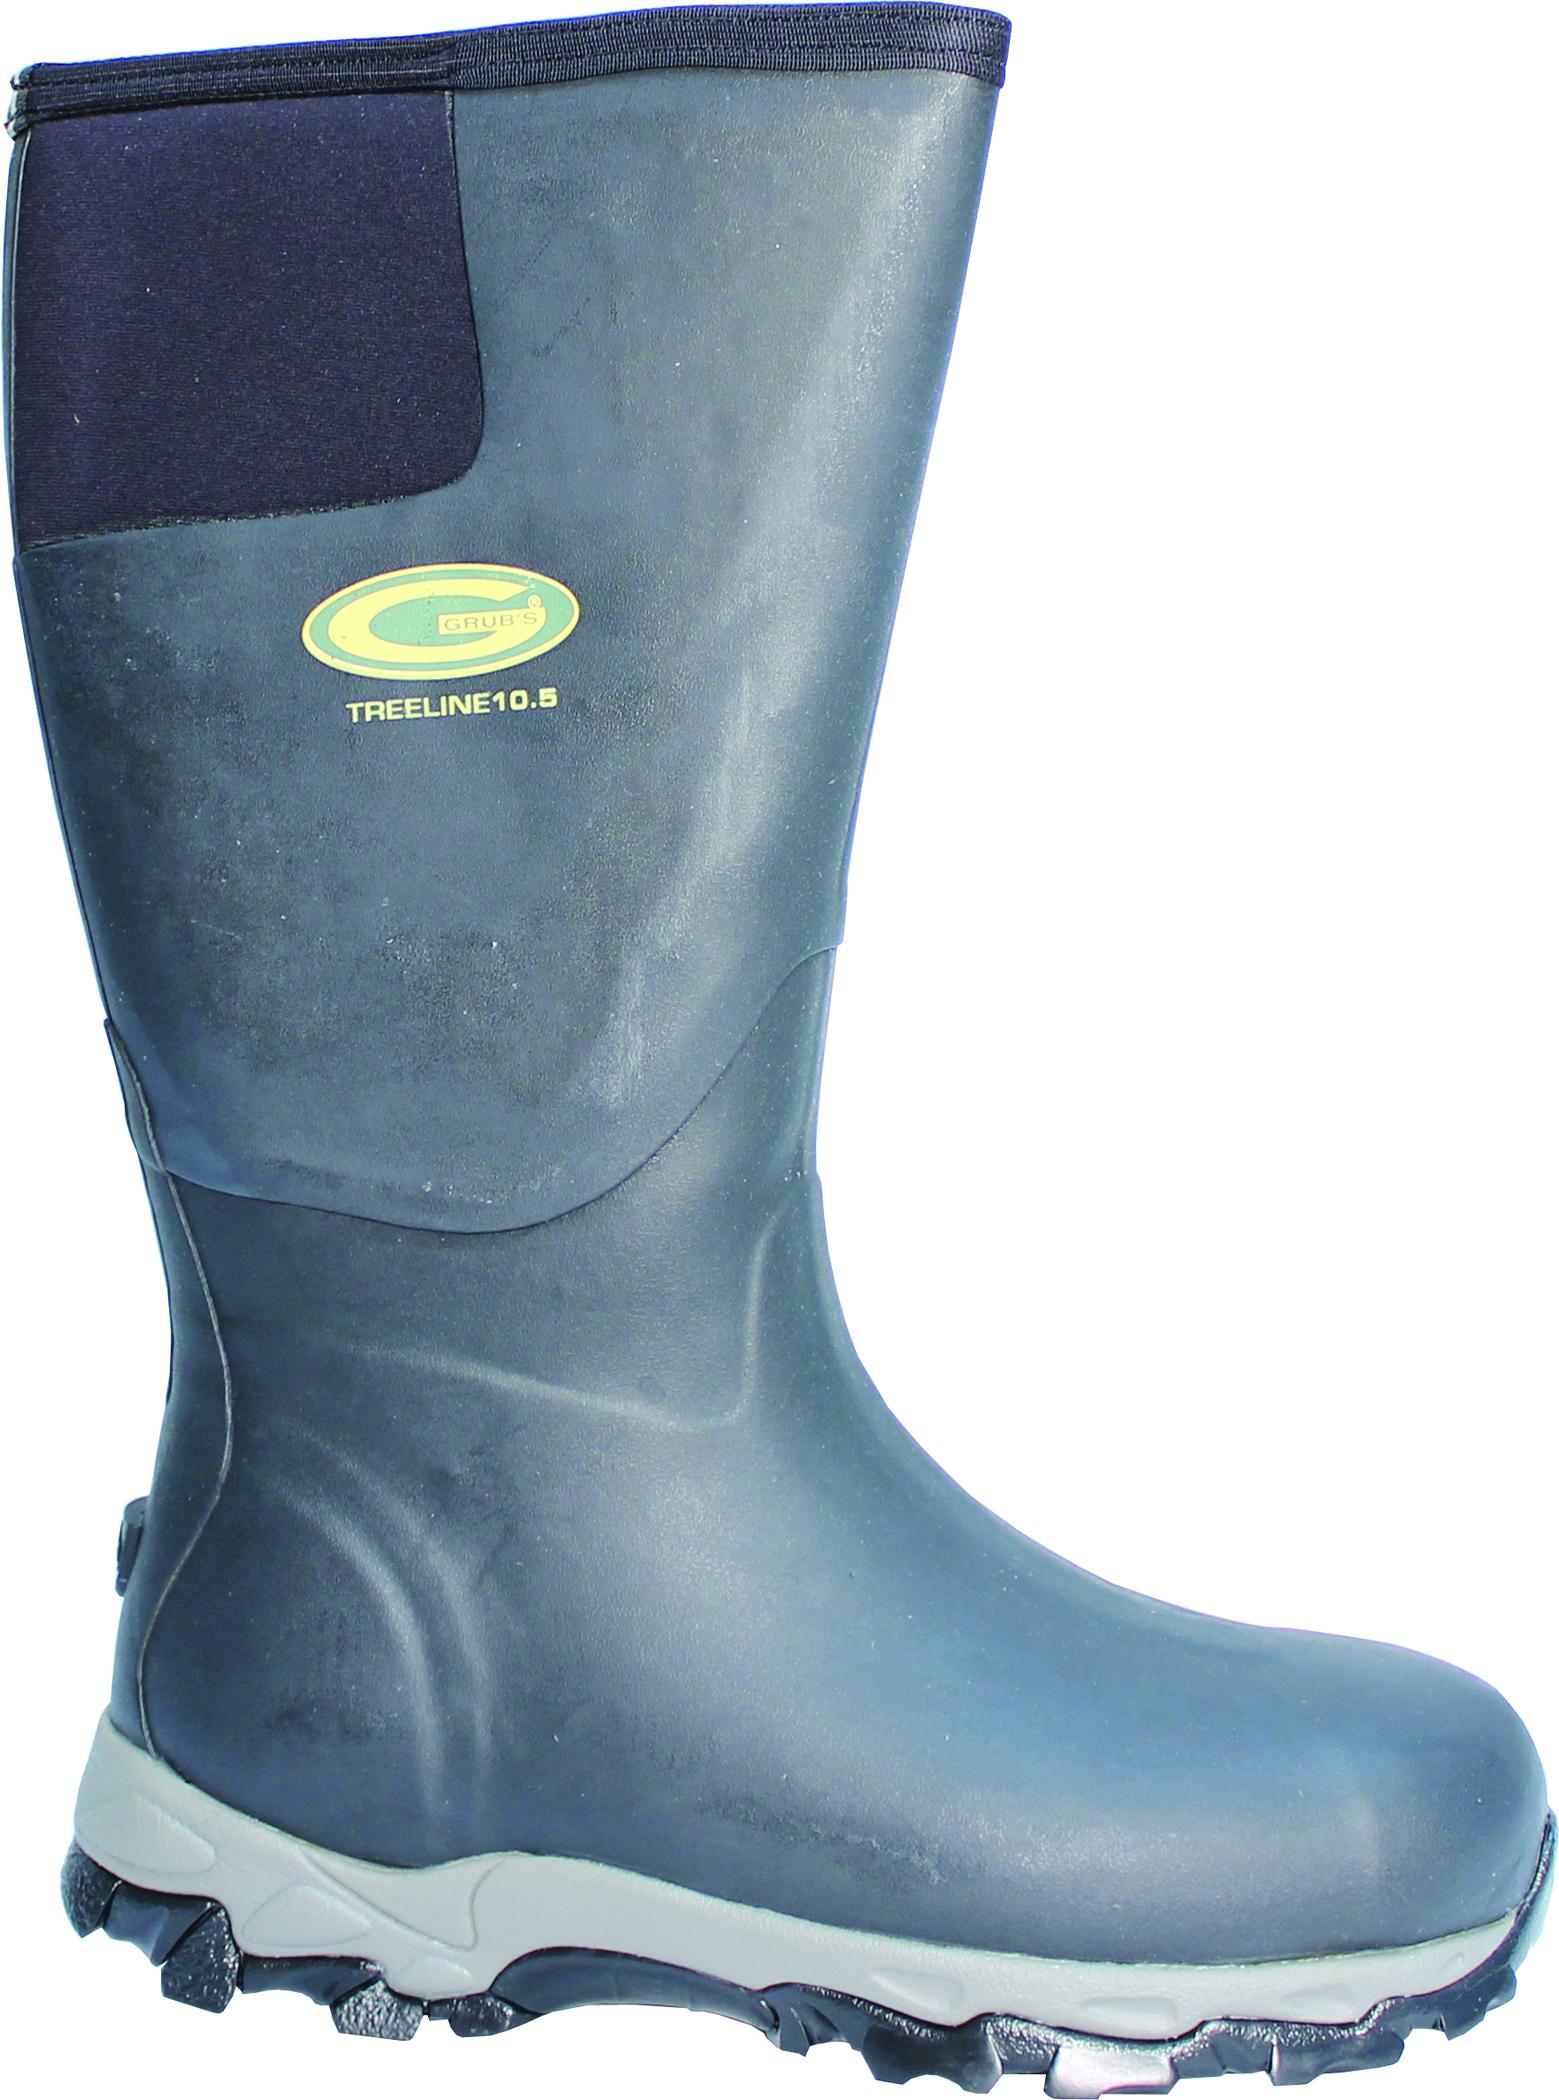 Grub's Treeline 10.5 Men's Boot